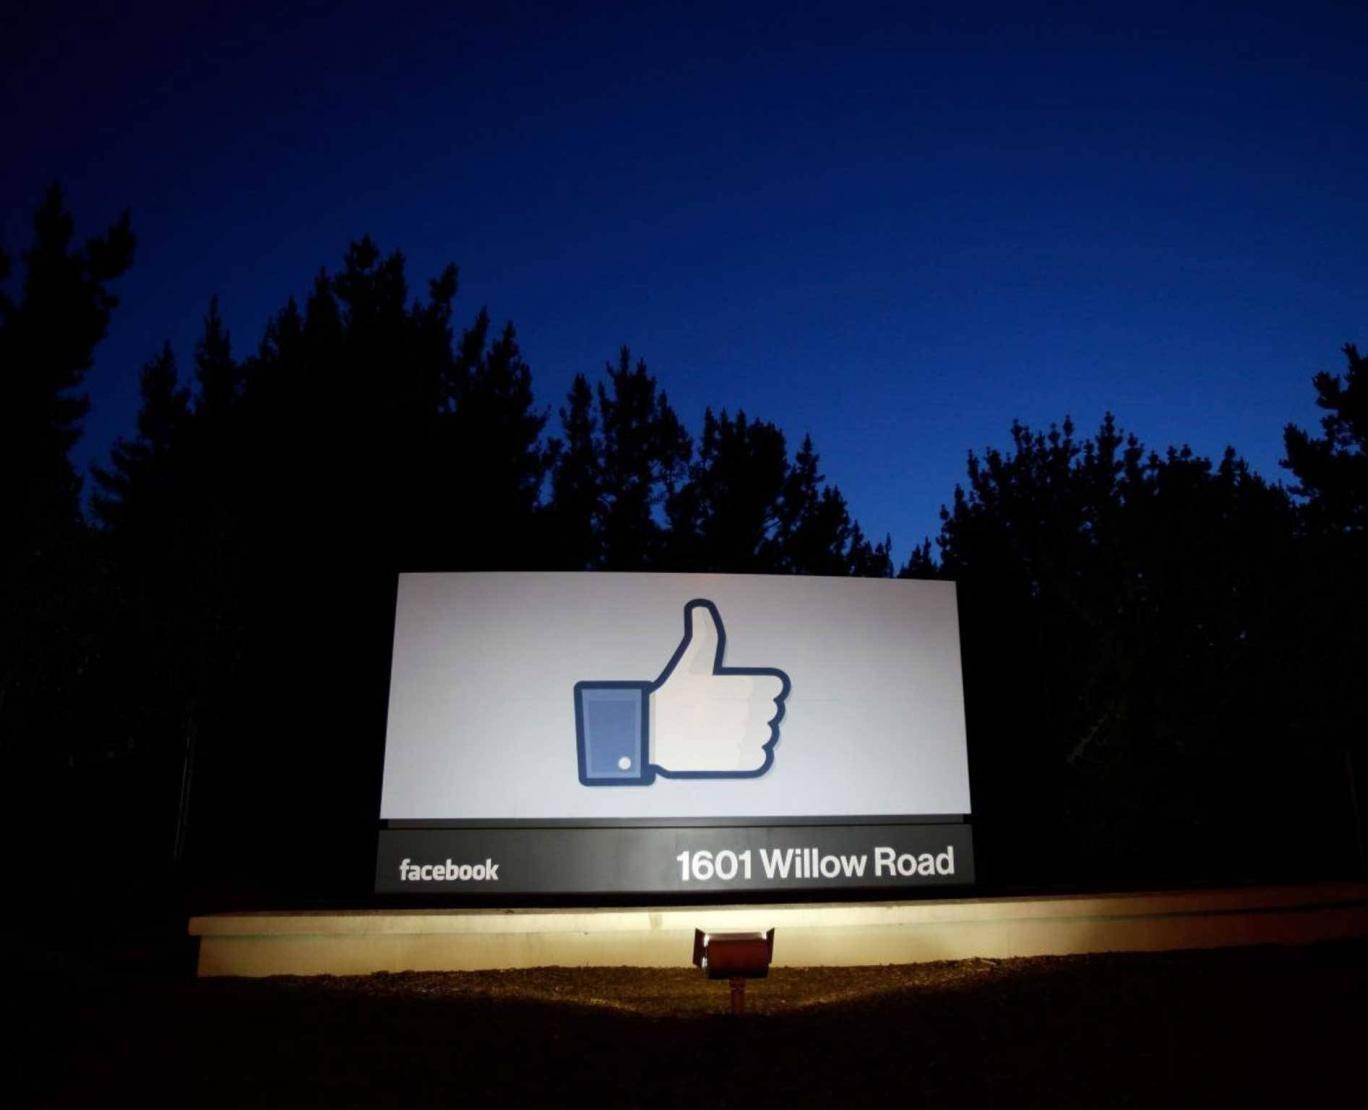 Home base: Facebook HQ